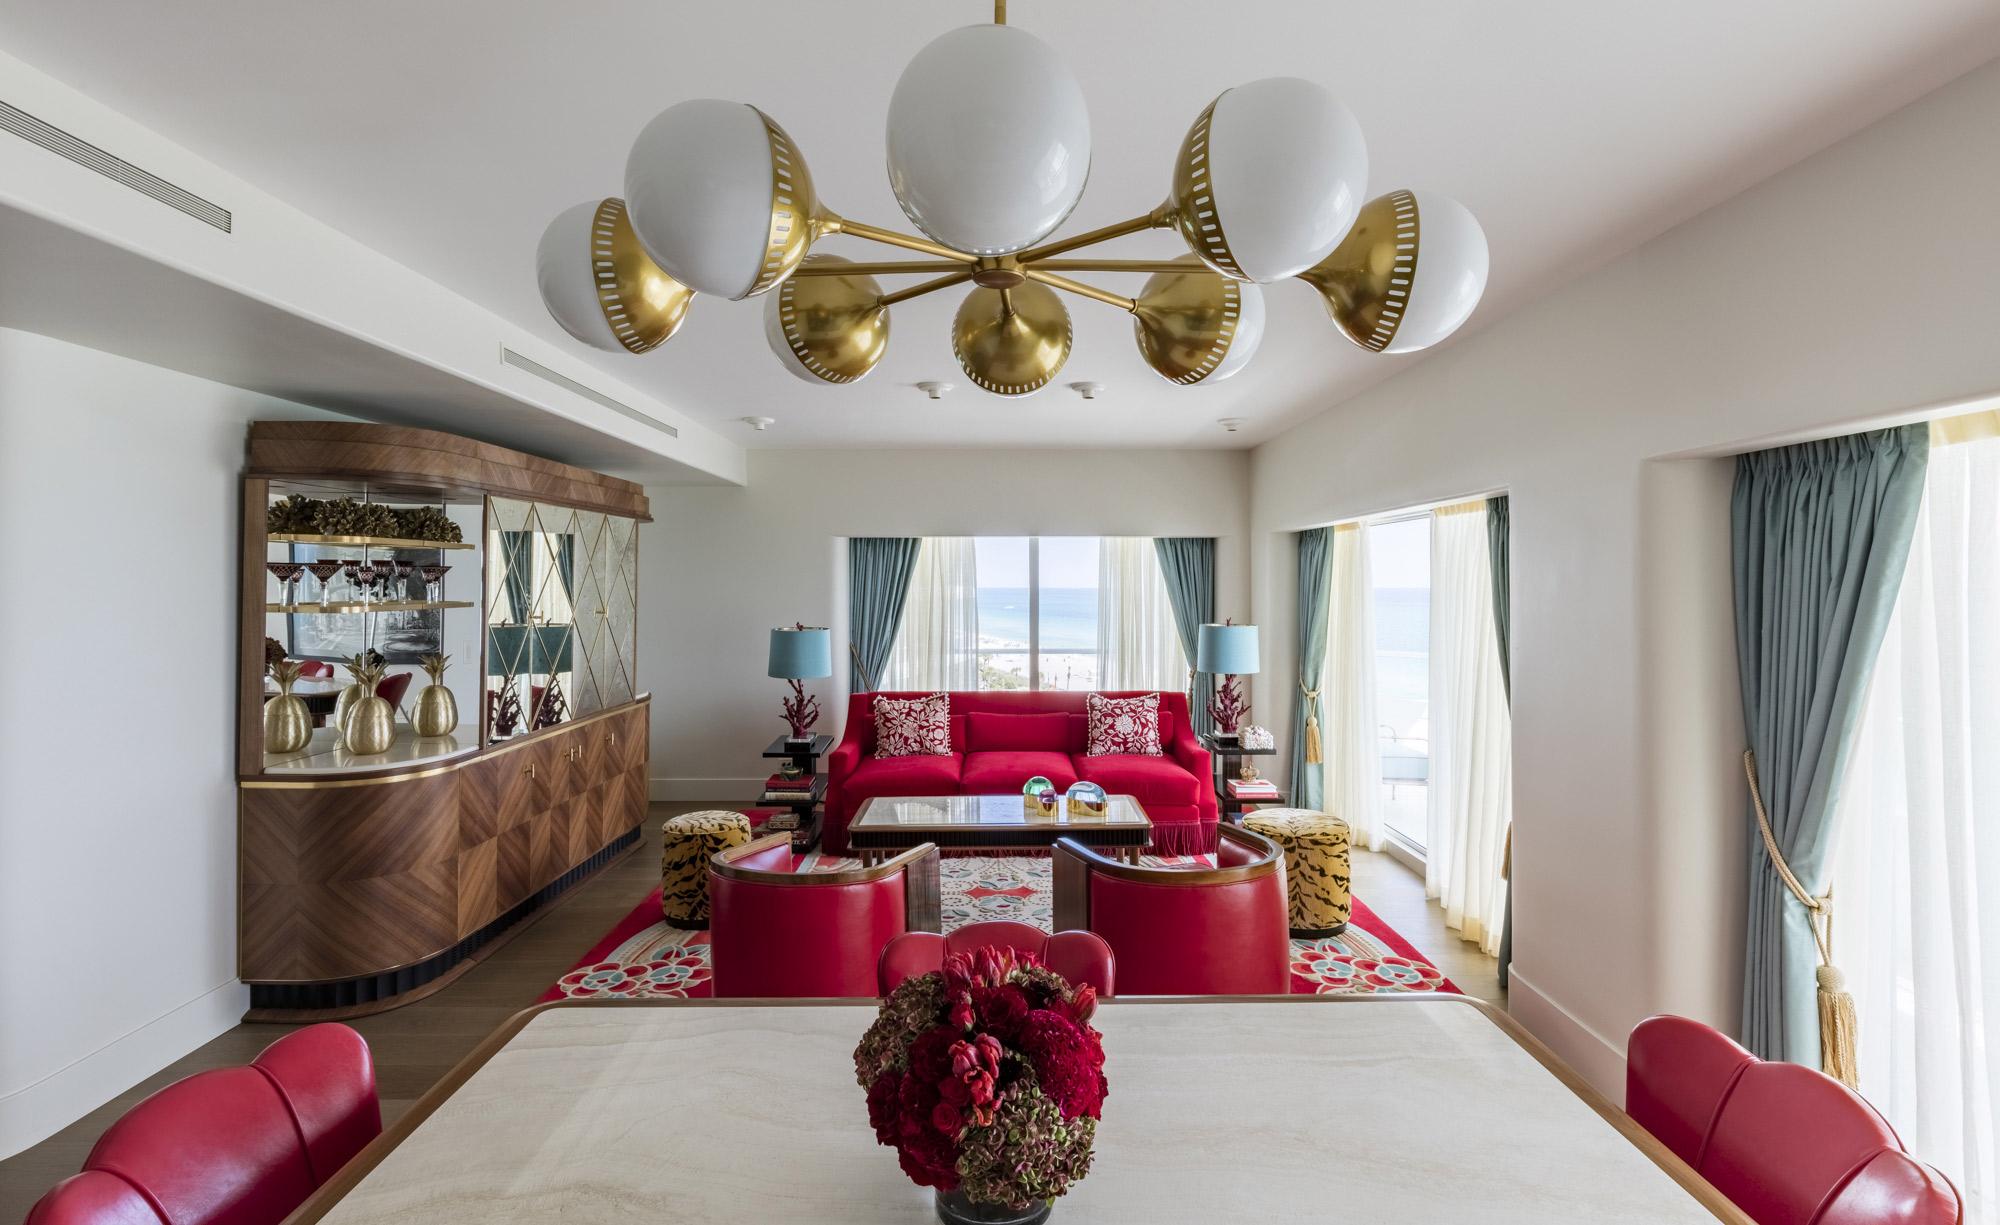 Faena Hotel Penthouse 1401